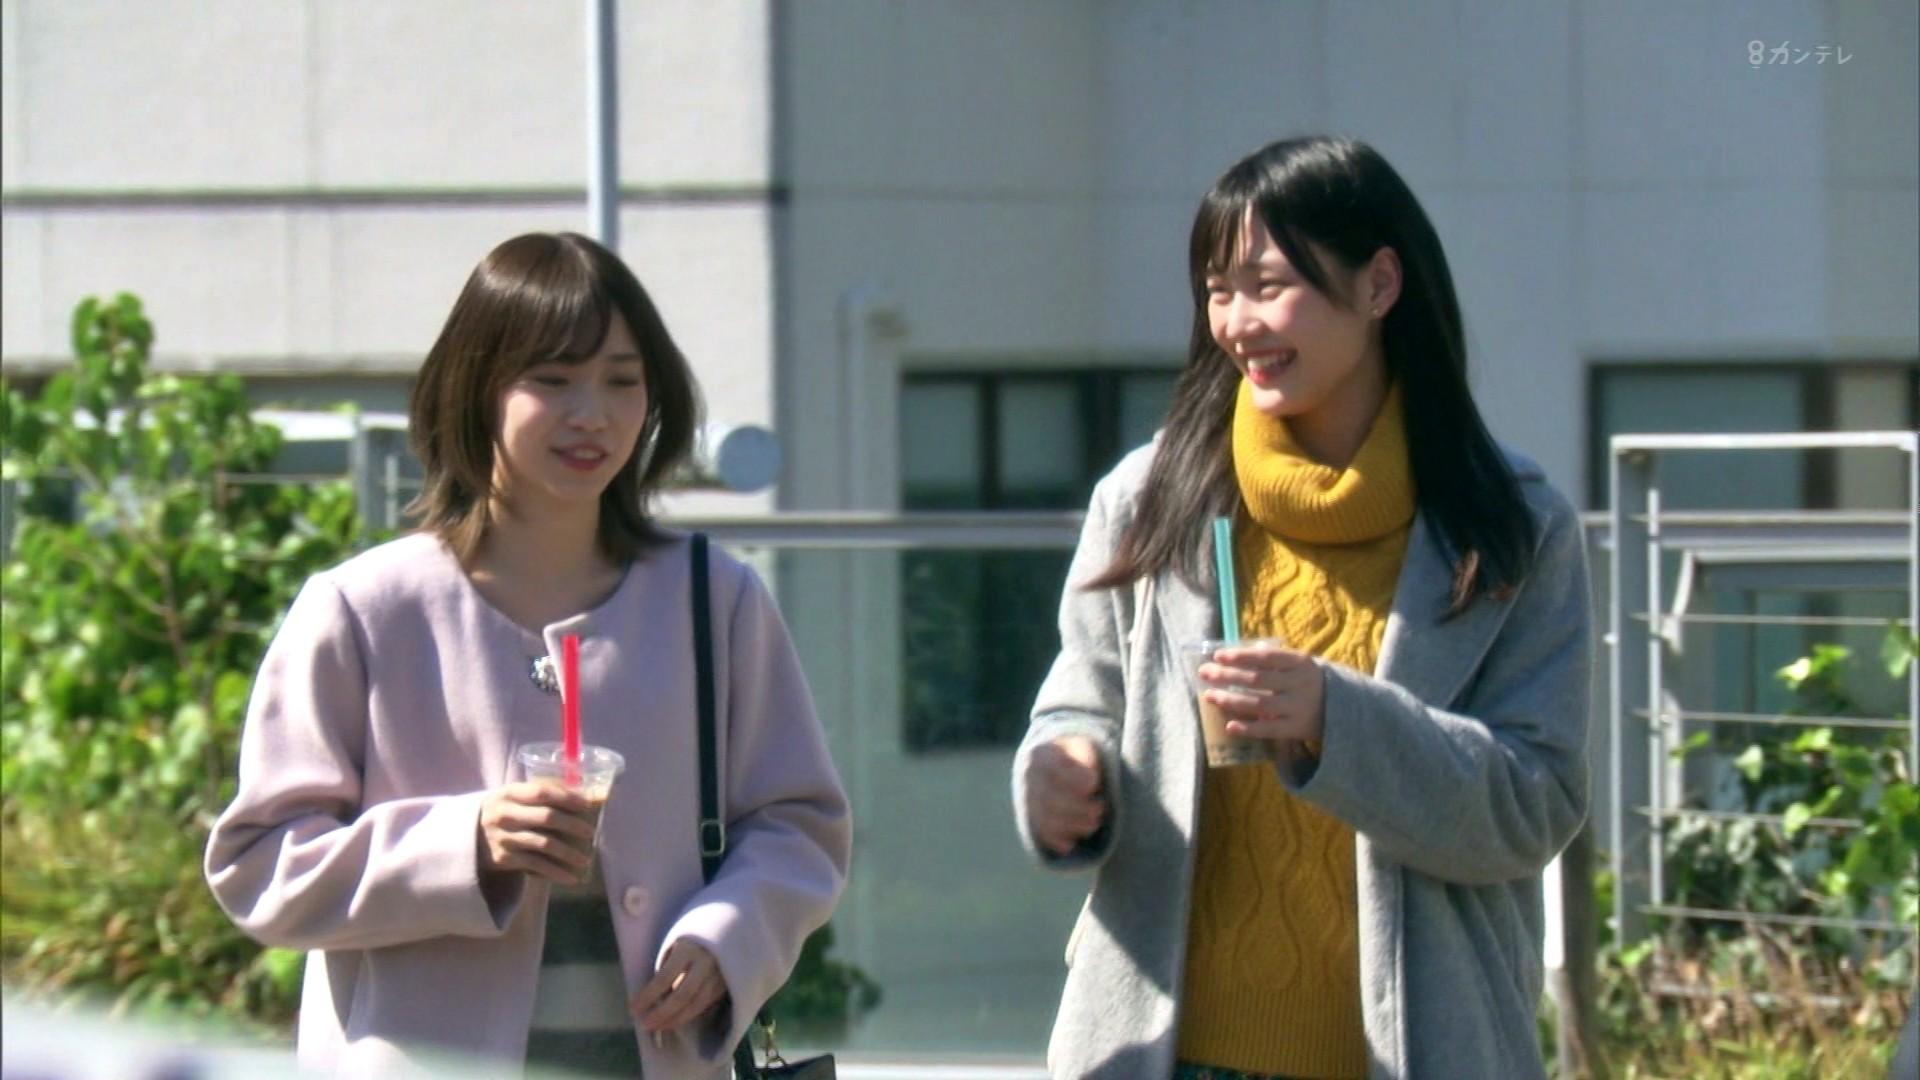 2020年1月13日に関西テレビで放送された「ミナミの帝王」に出演したNMB48石塚朱莉・佐藤亜海の画像-024